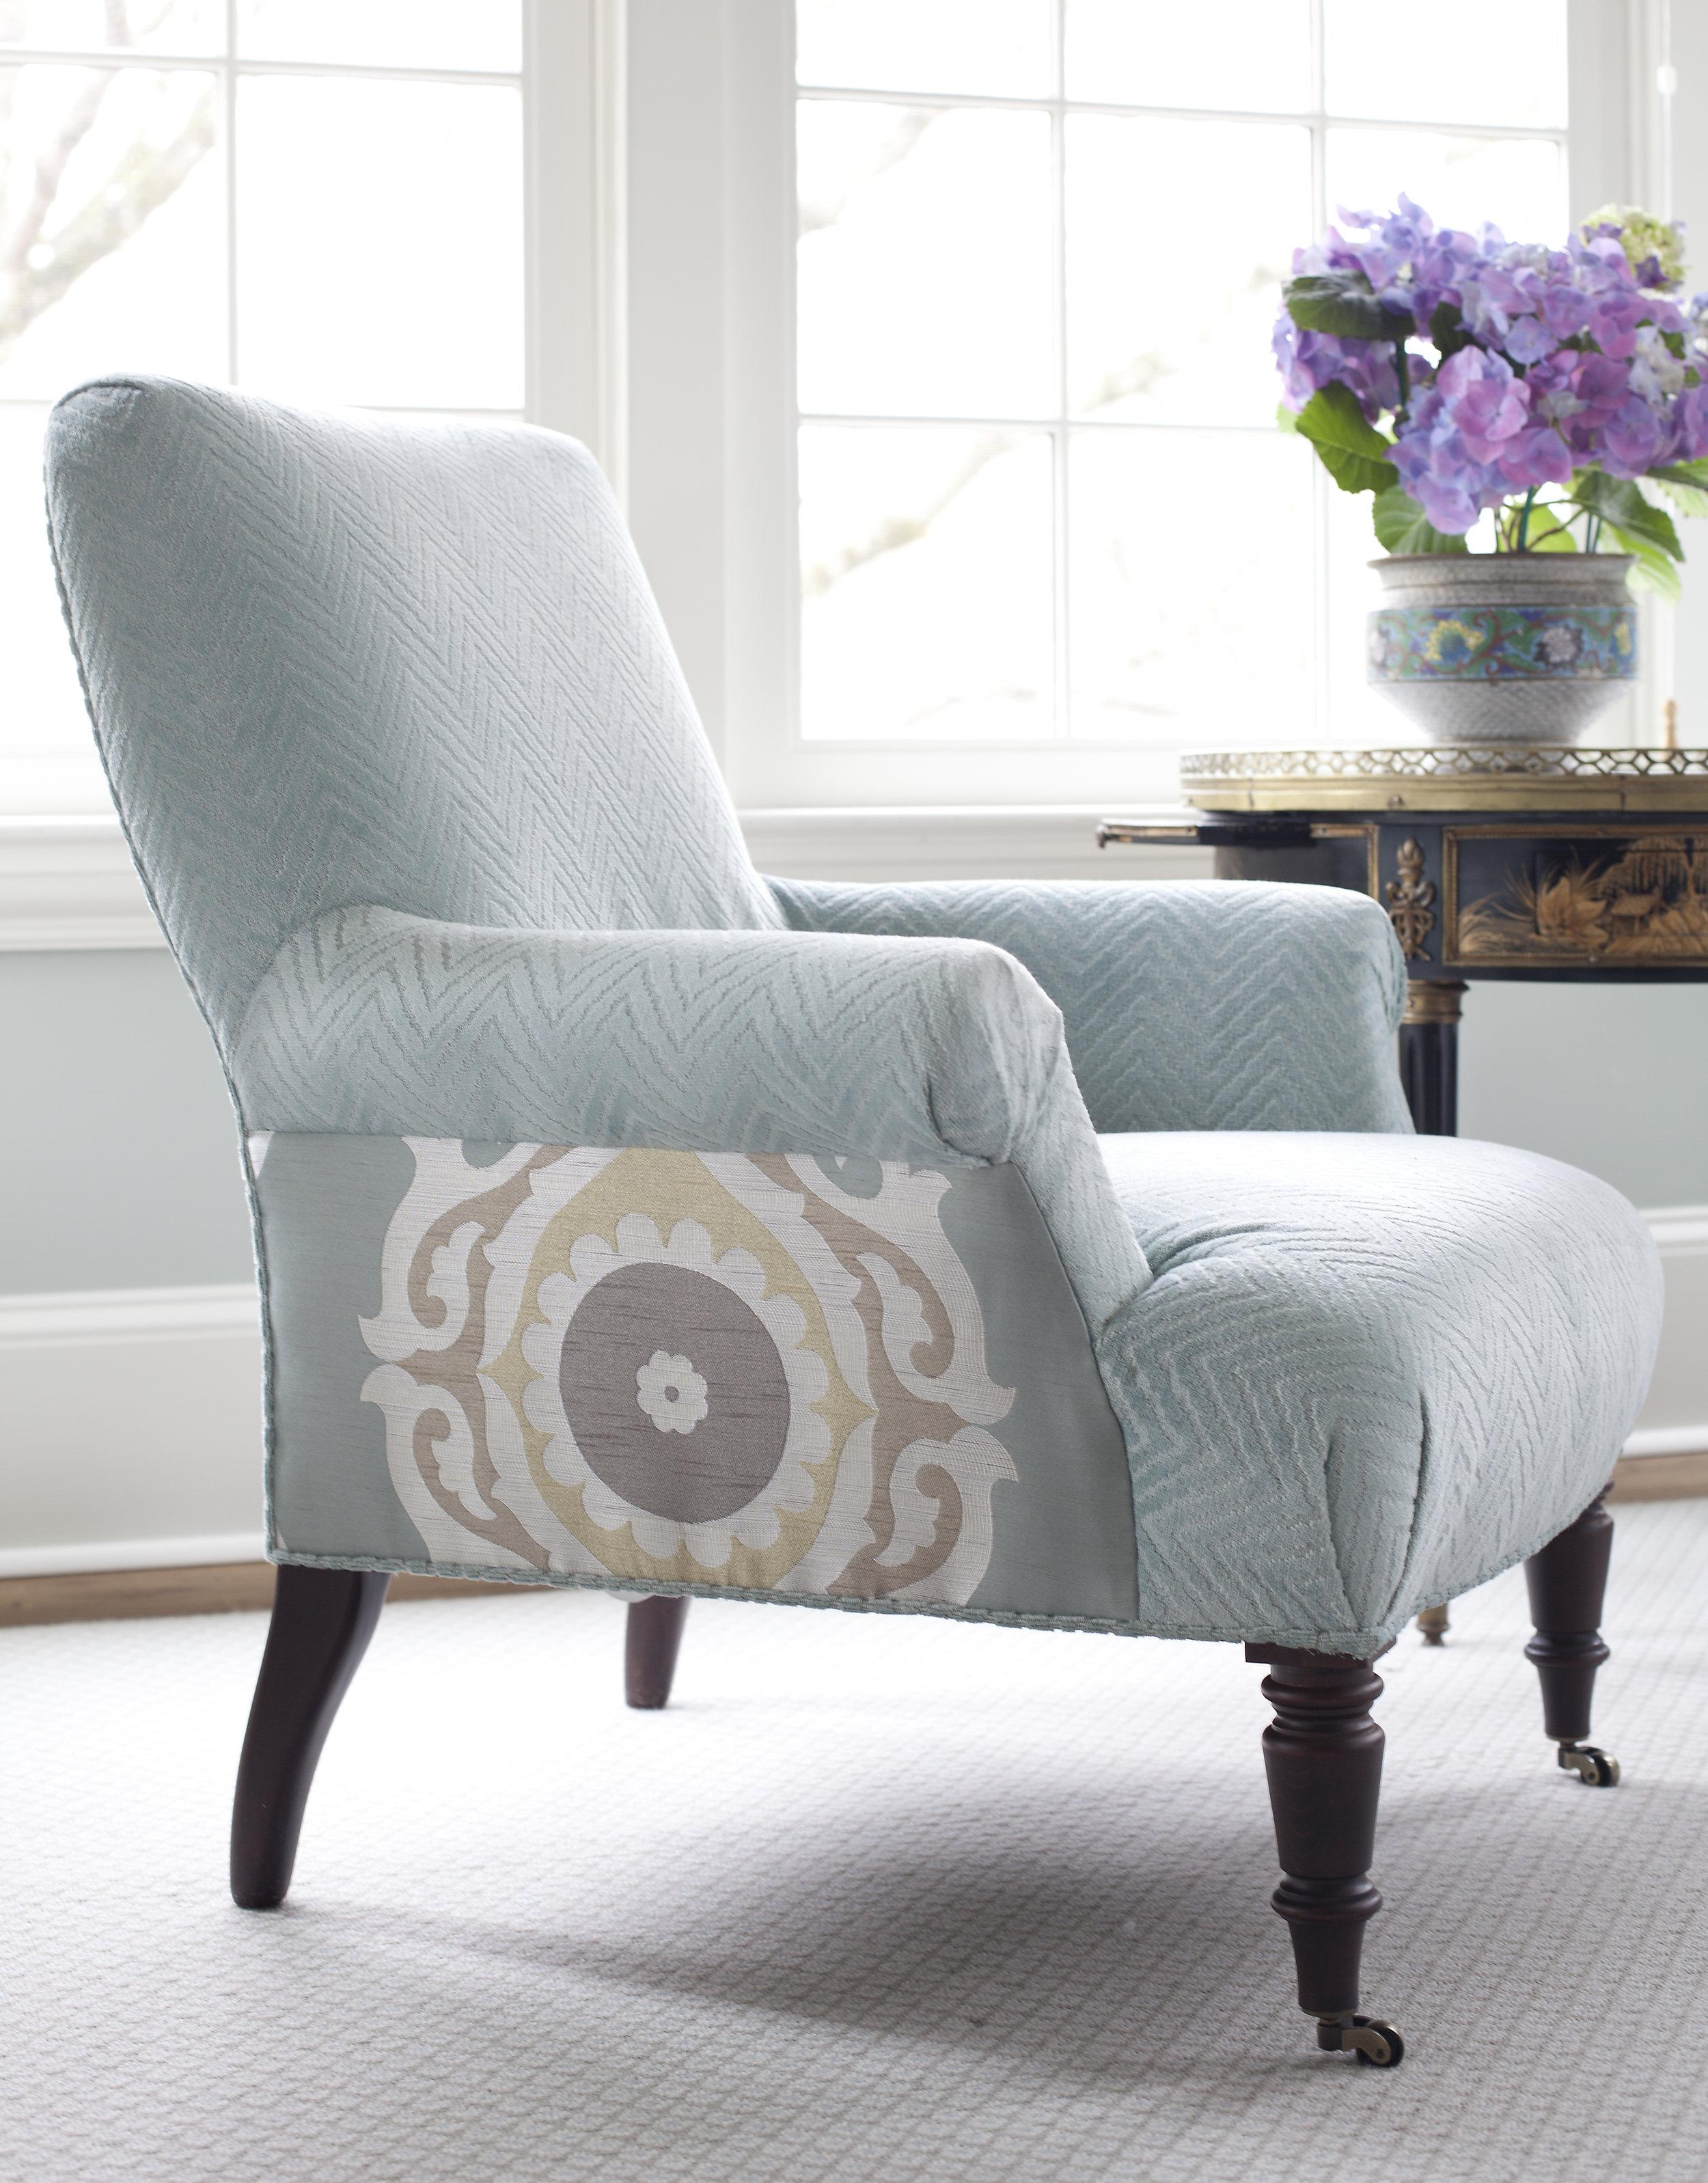 bedroom chair detail.jpg